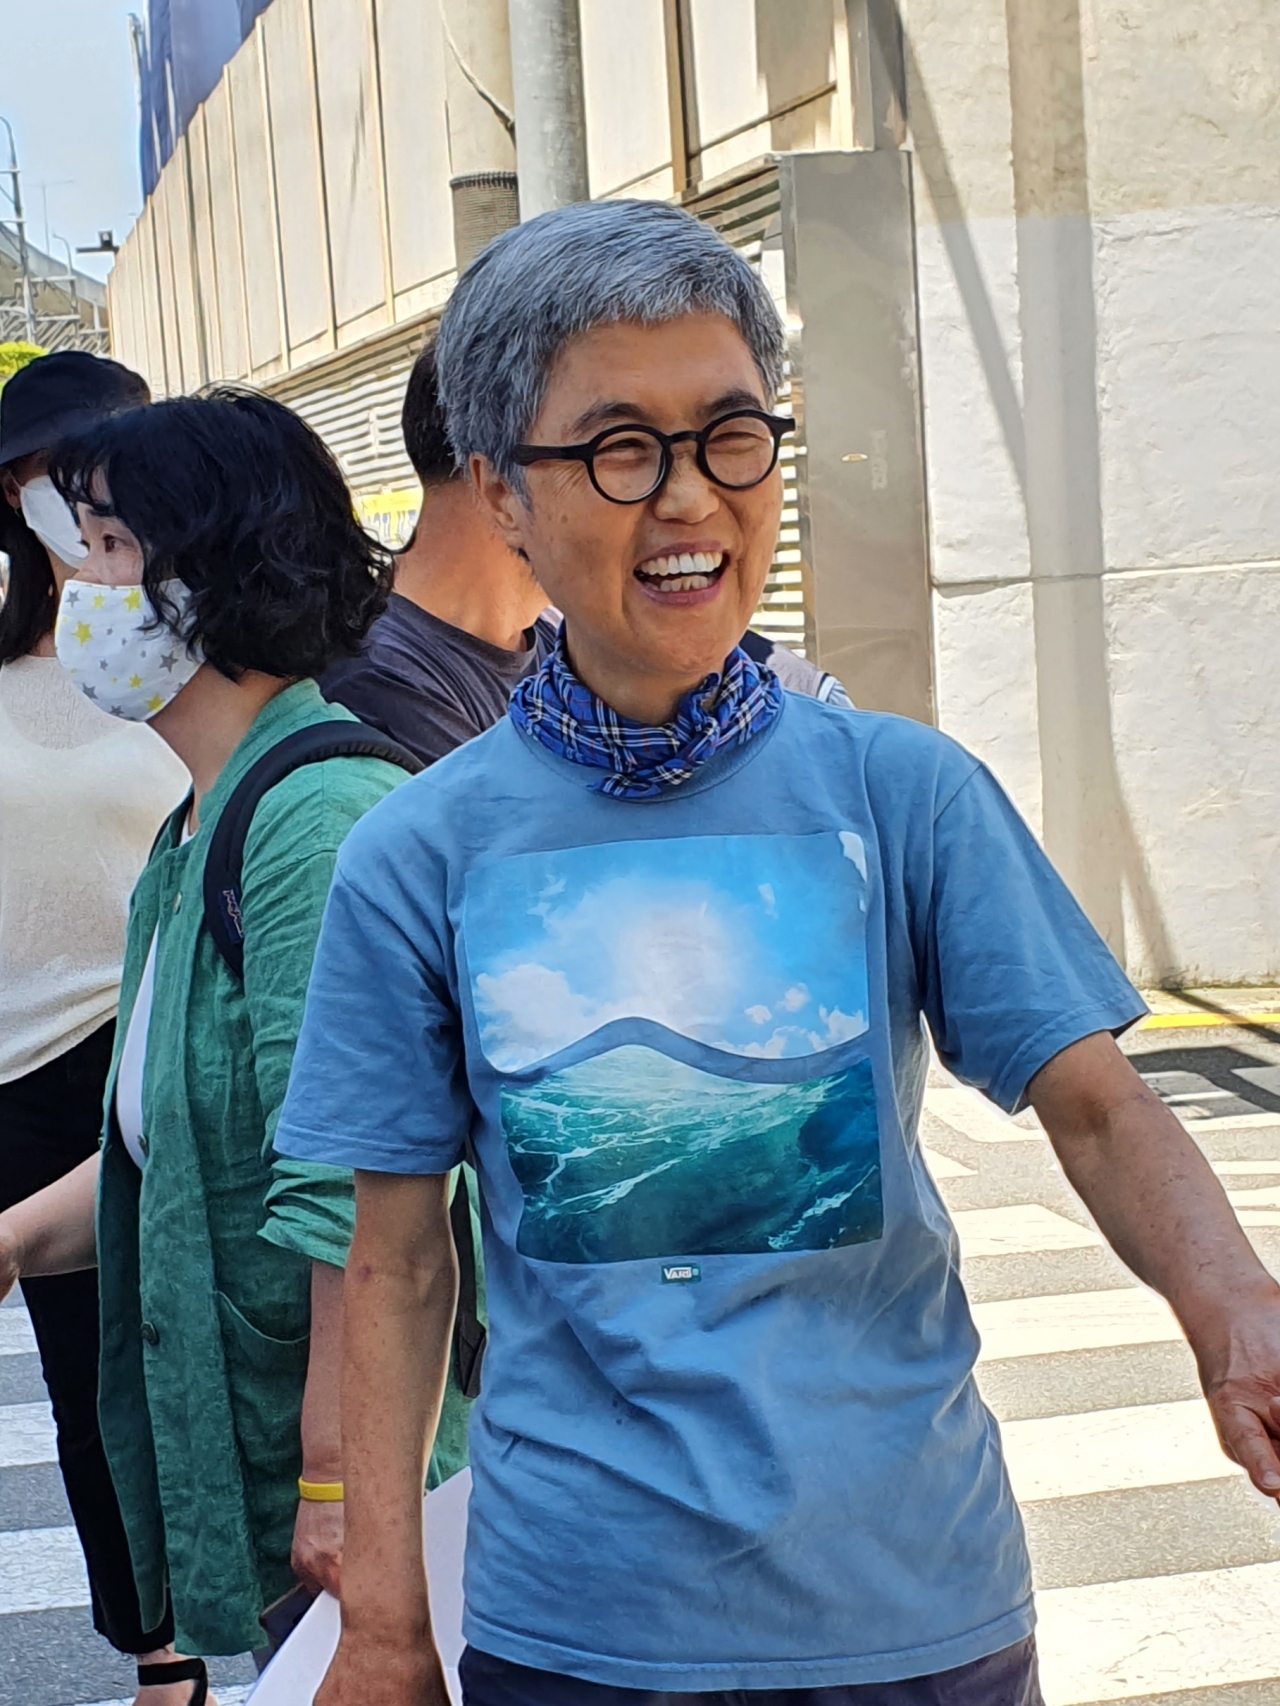 지난 6월 23일 복직 촉구 기자회견을 마치고 참석자와 인사를 나누는 김진숙